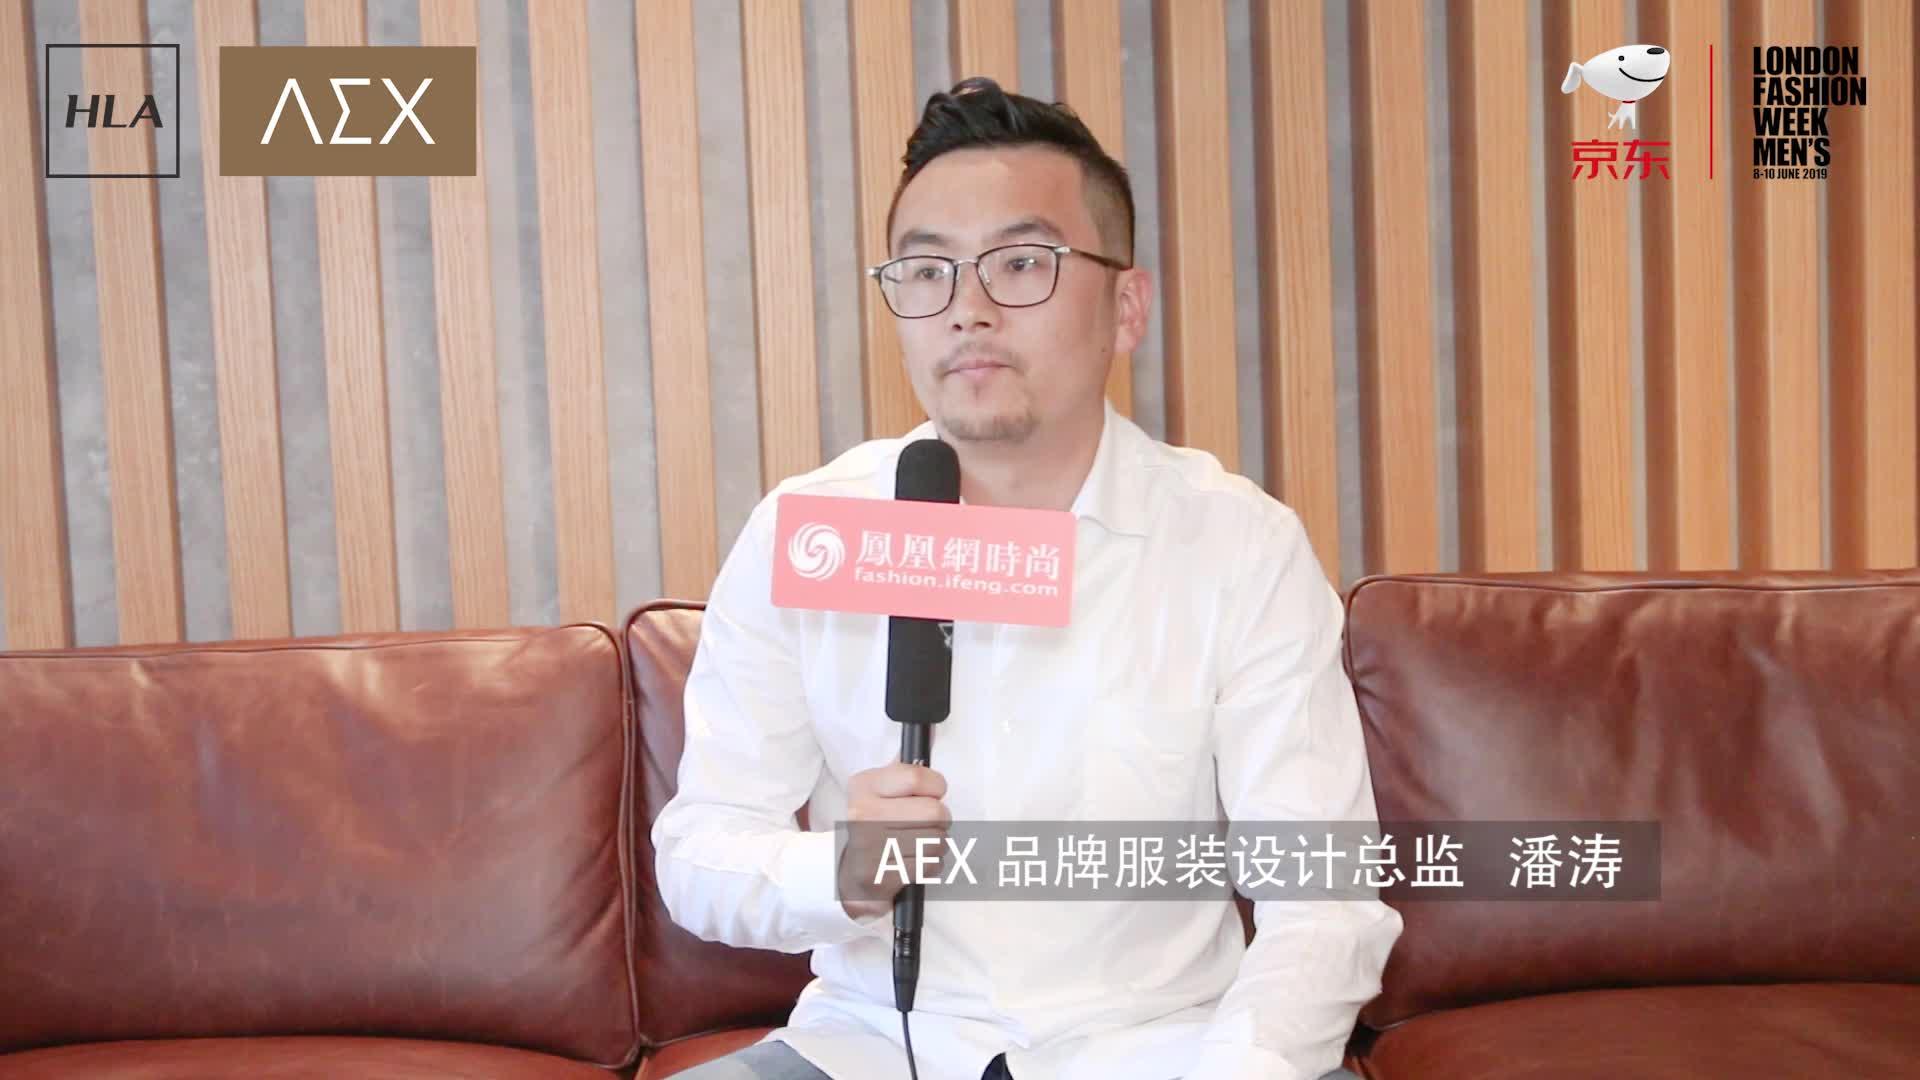 凤凰网时尚专访AEX品牌服装设计总监